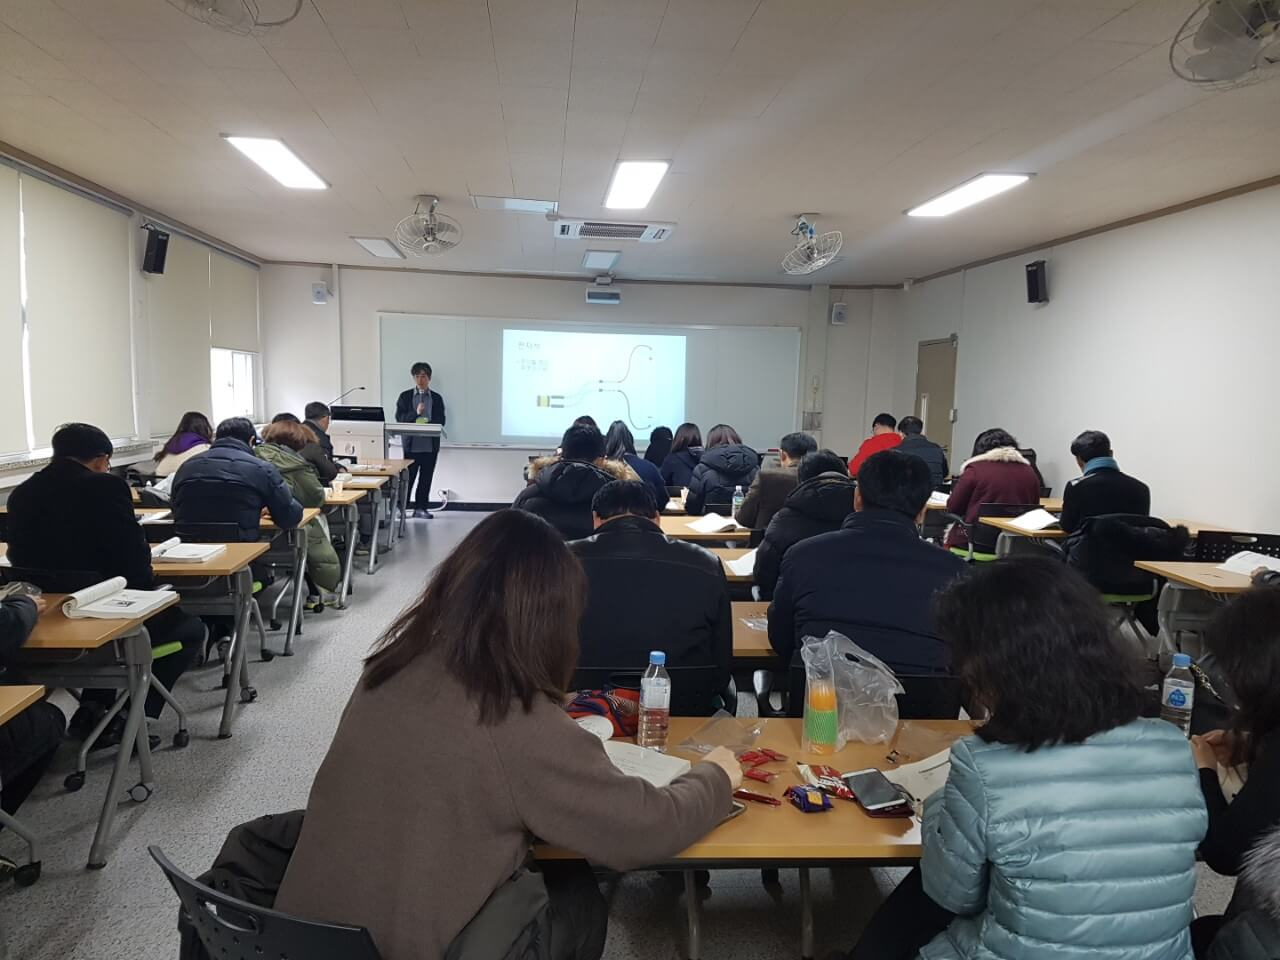 [활동기] 2019 대한민국과학교사큰모임 발표 (제주)